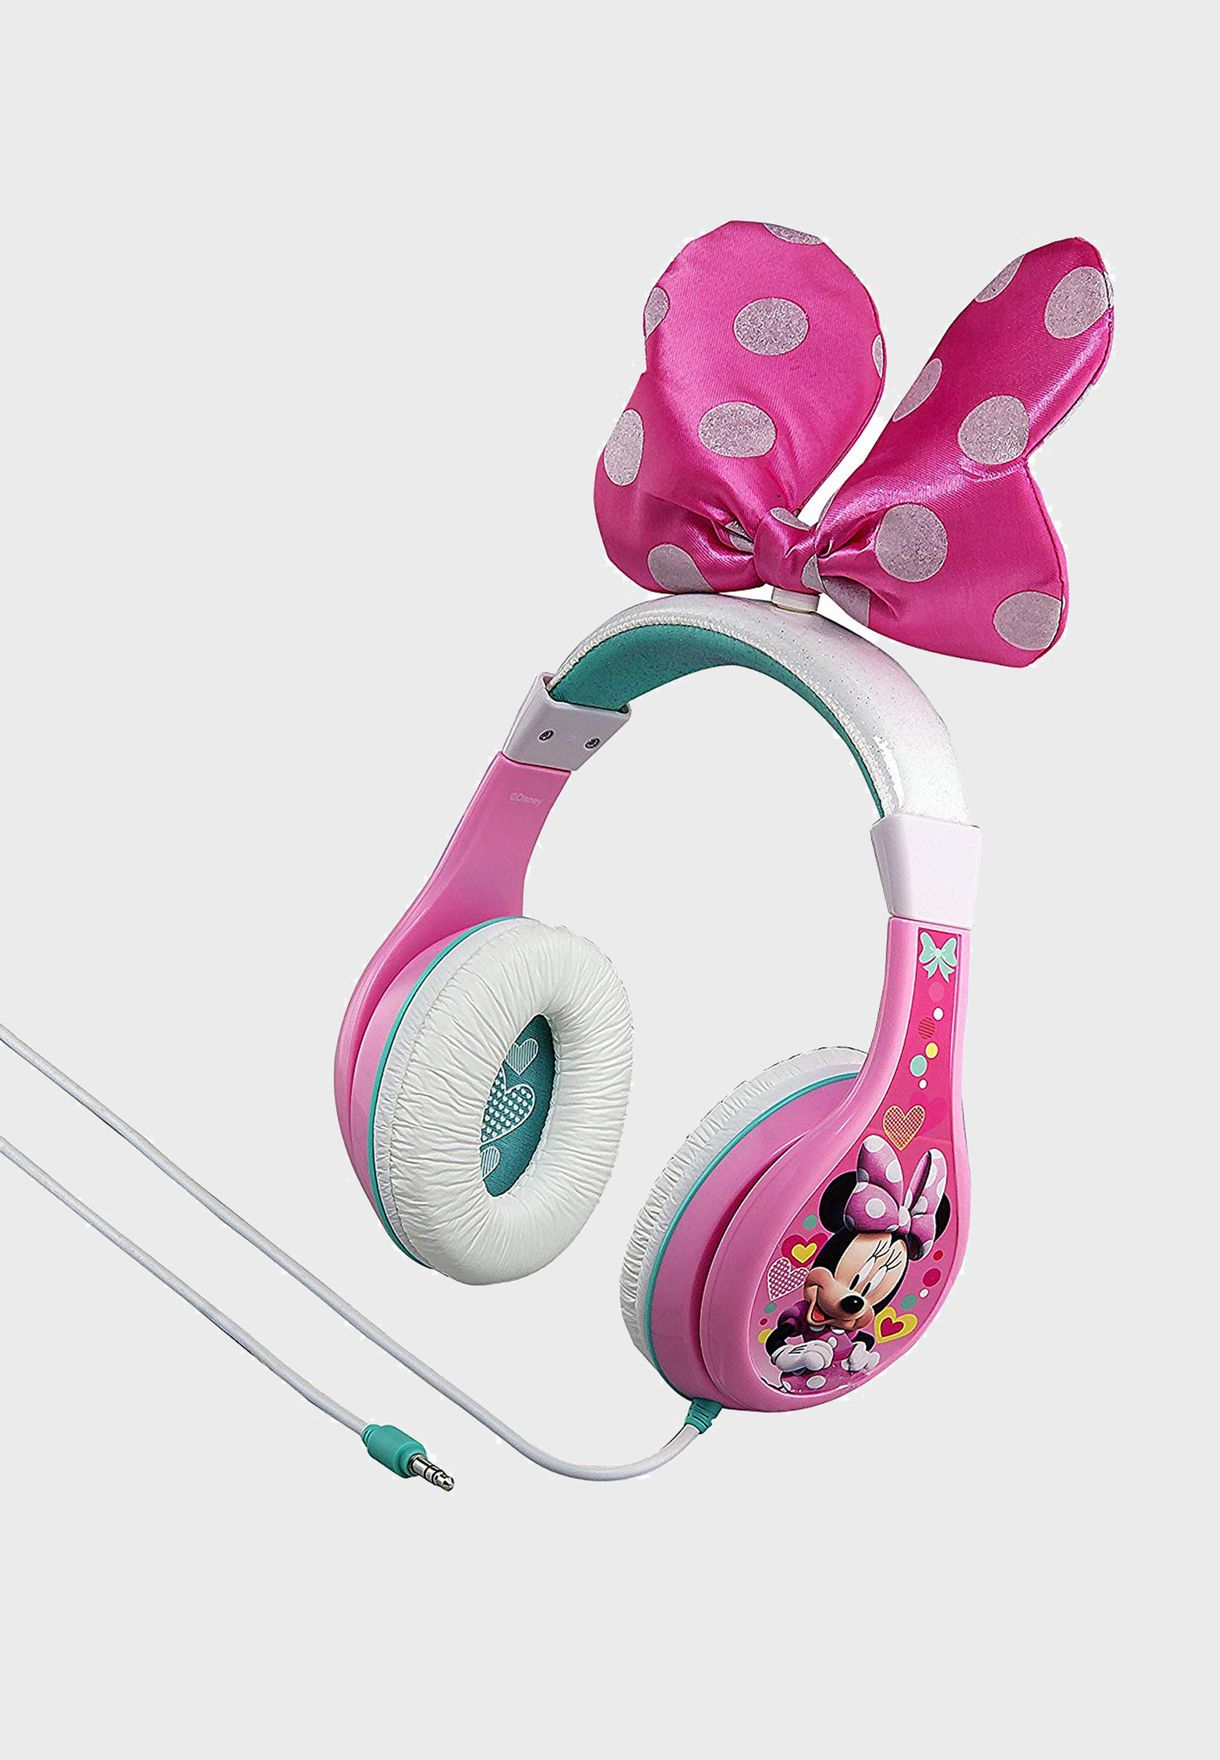 Disney Minnie Over Ear Headphones With Bow